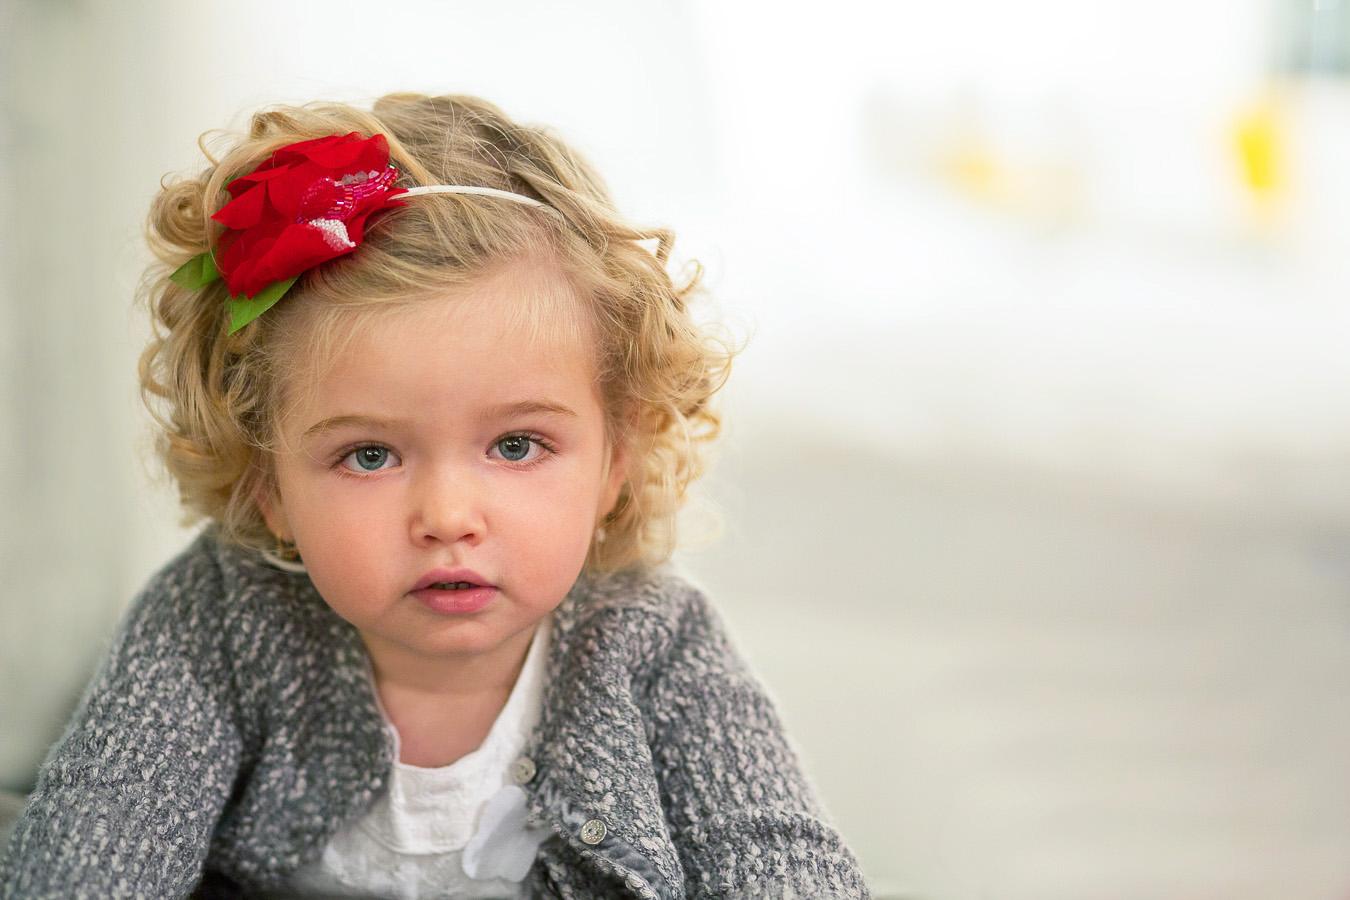 Fotografie copii - Daria | Fotograf Catalin Enache